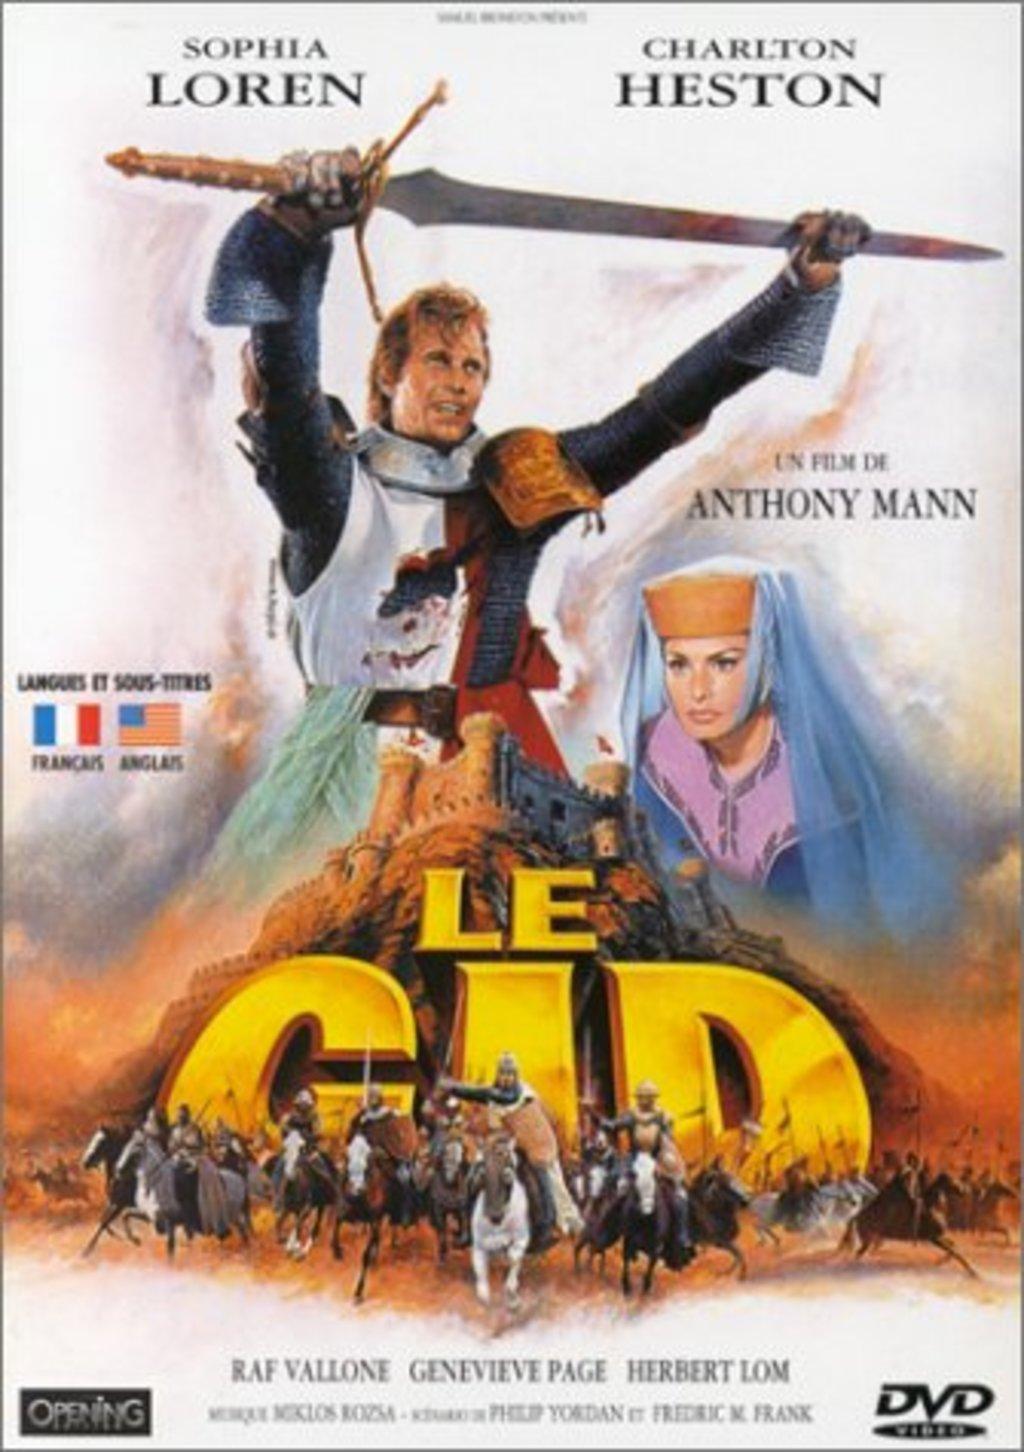 watch el cid movie online free